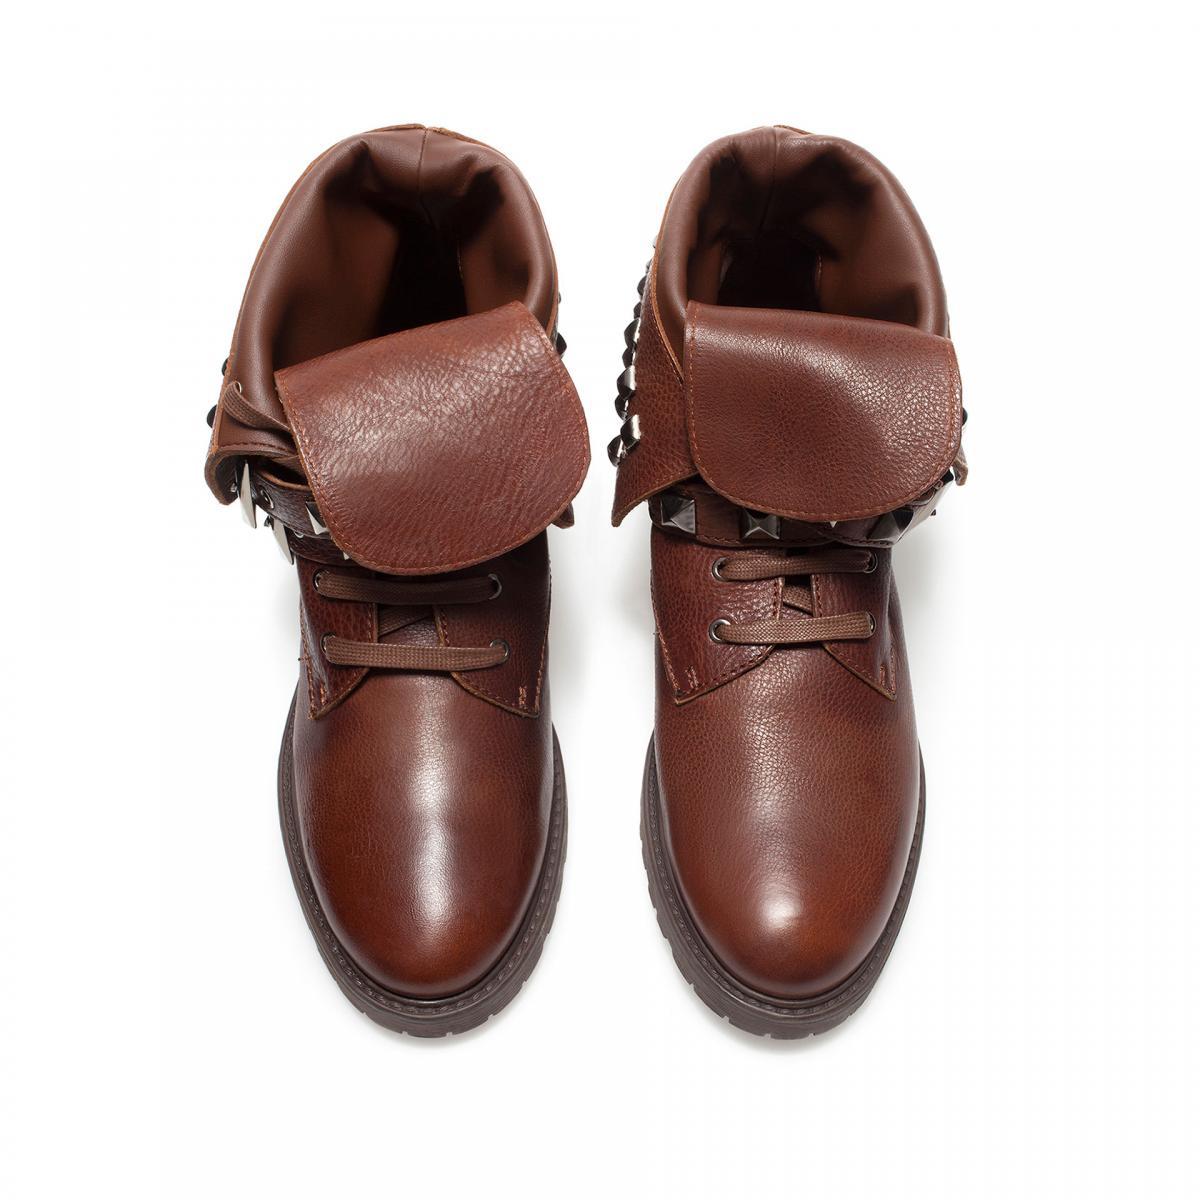 skórzane botki ZARA w kolorze brązowym - obuwie na wiosnę 2013